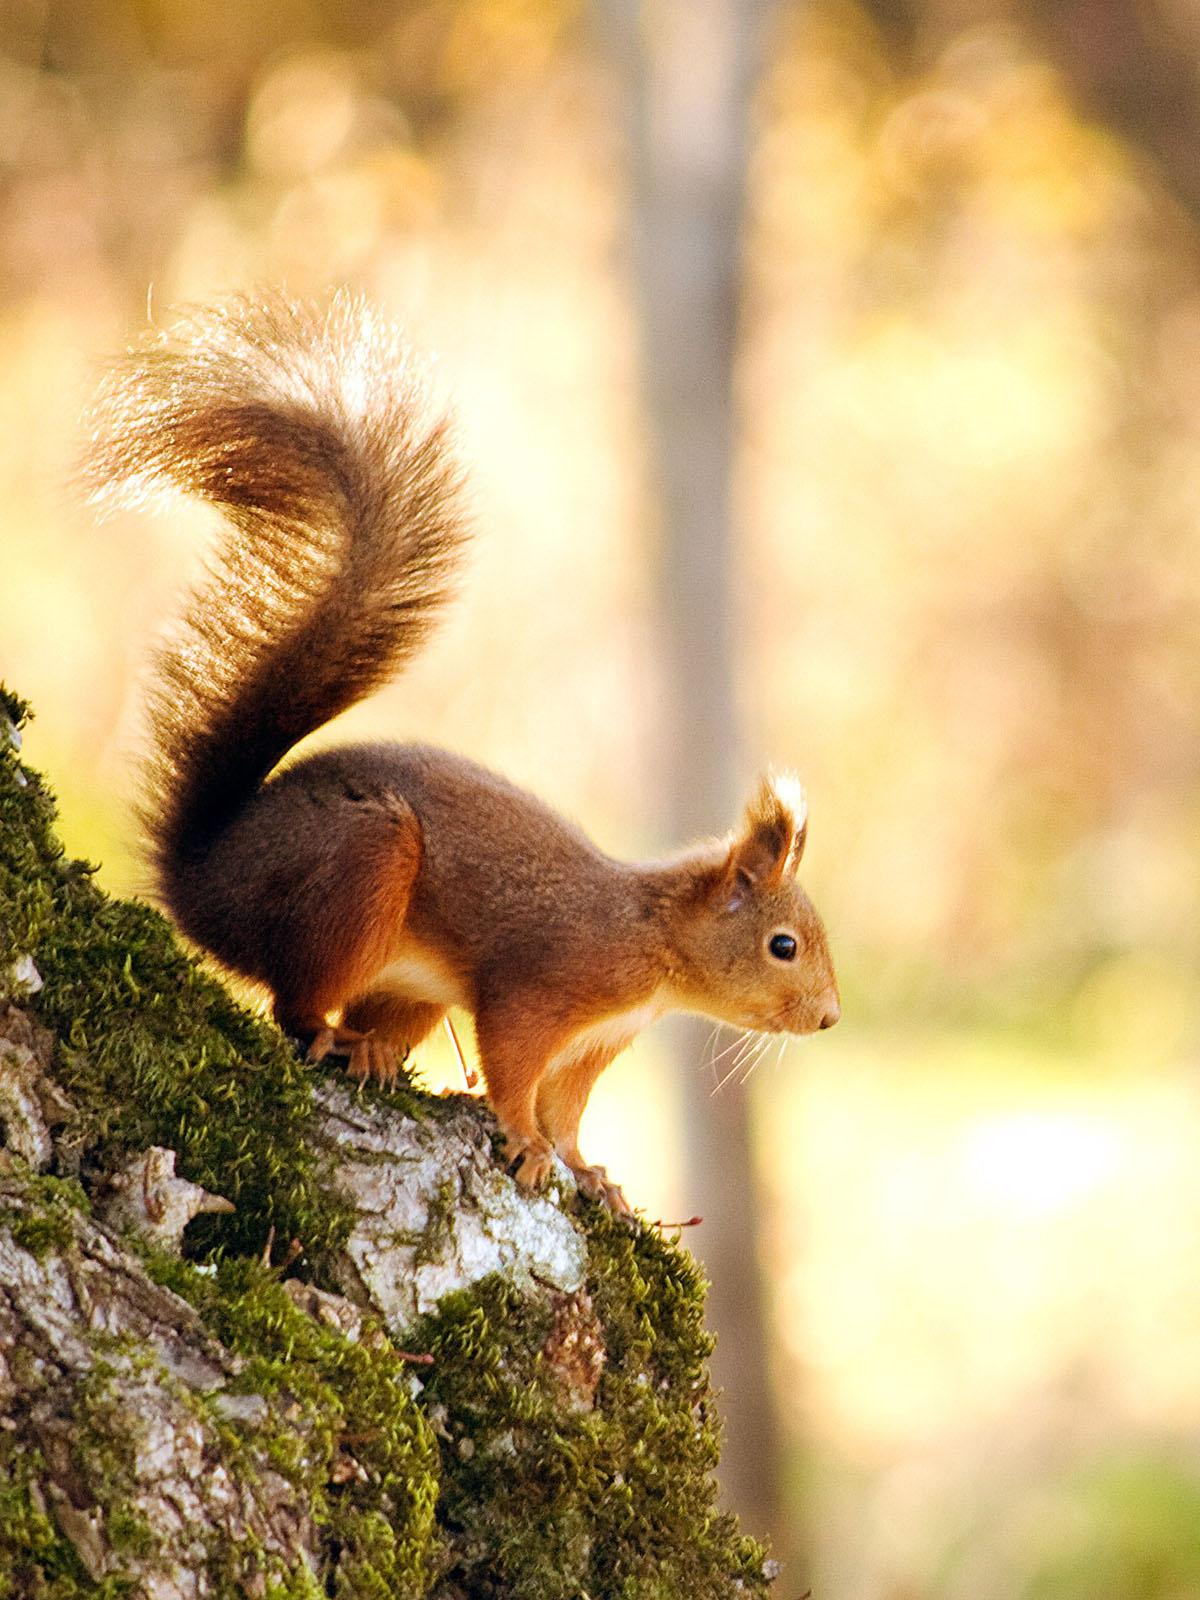 фото белки на дереве осень балдахином стоял золотой